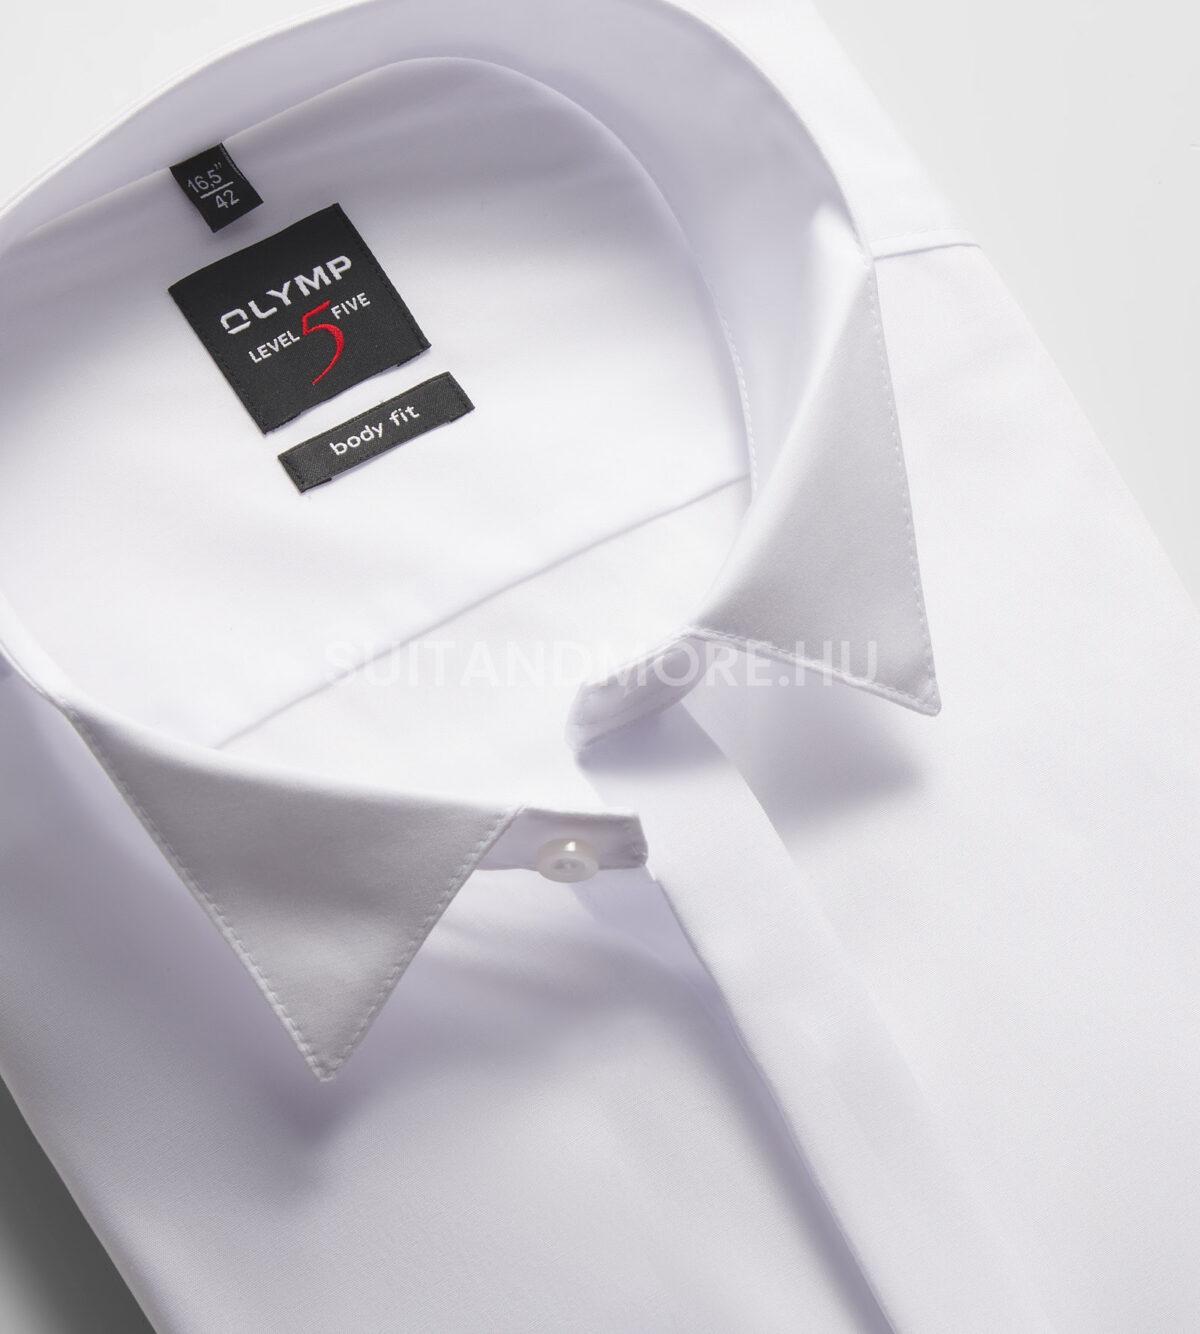 OLYMP-Level-Five-fehér-body-fit-vasaláskönnyített-ing-3077-70-00-02